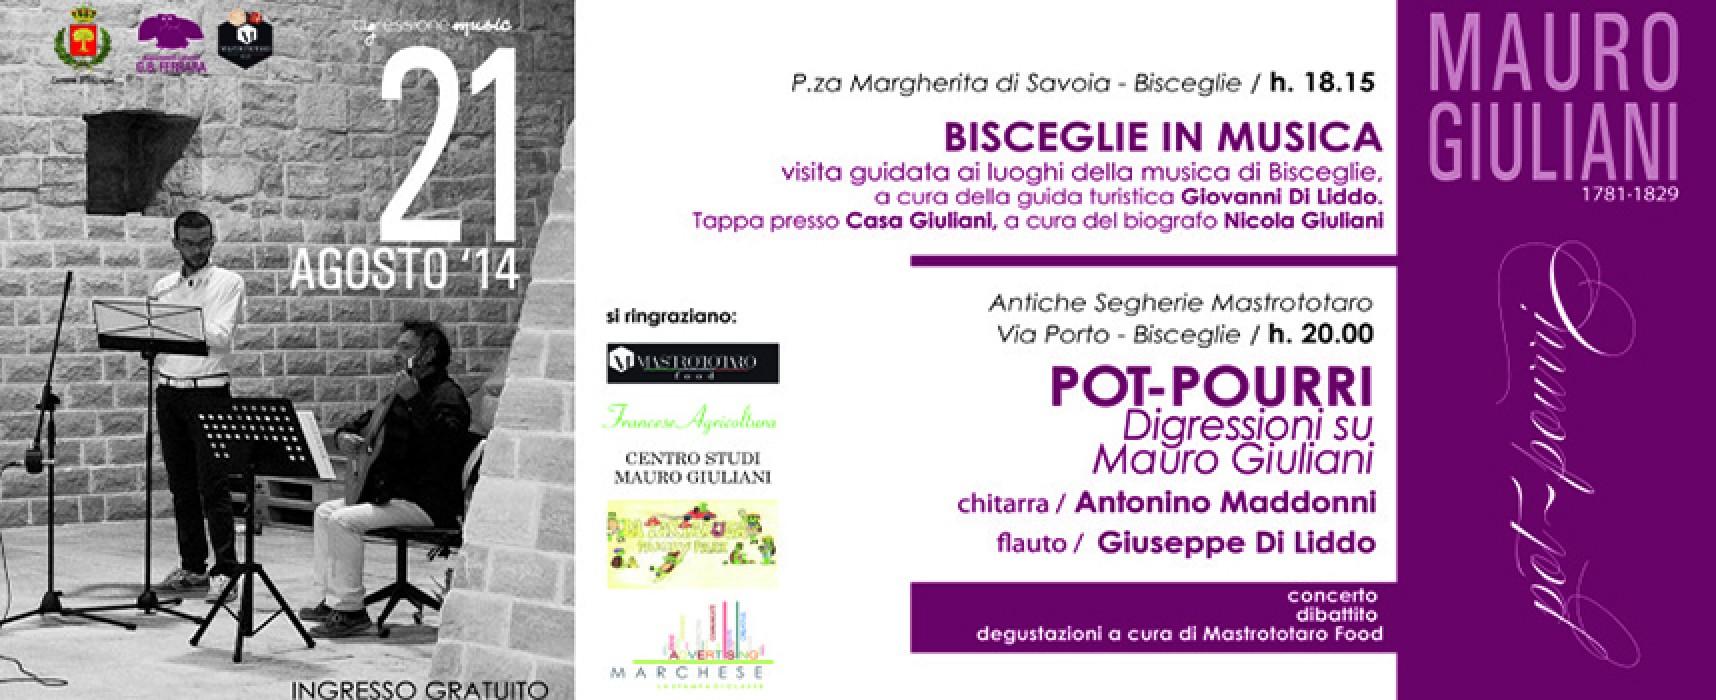 Mauro Giuliani Pot-Pourri, il 21 agosto giornata dedicata al musicista biscegliese